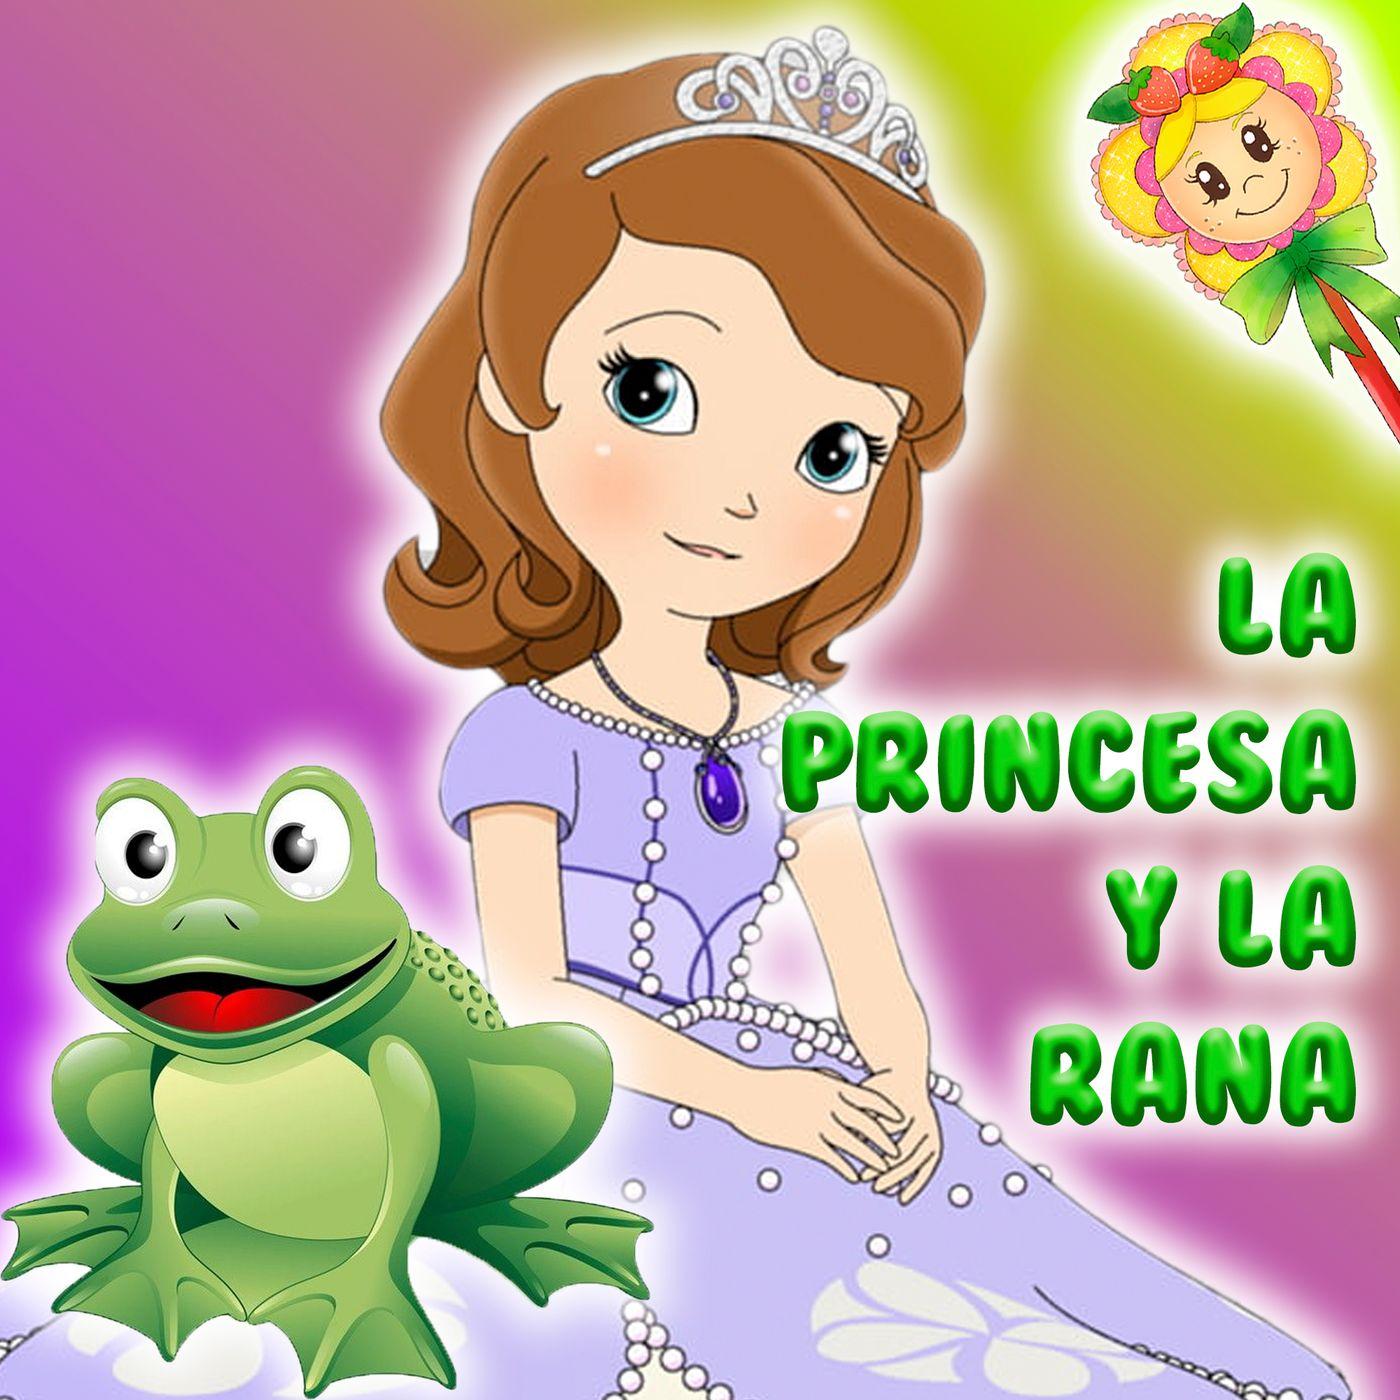 53. LA PRINCESA Y LA RANA. Cuento en inglés y español para que los niños aprendan idiomas. Tradicional cuento narrado por Hada de Fresa